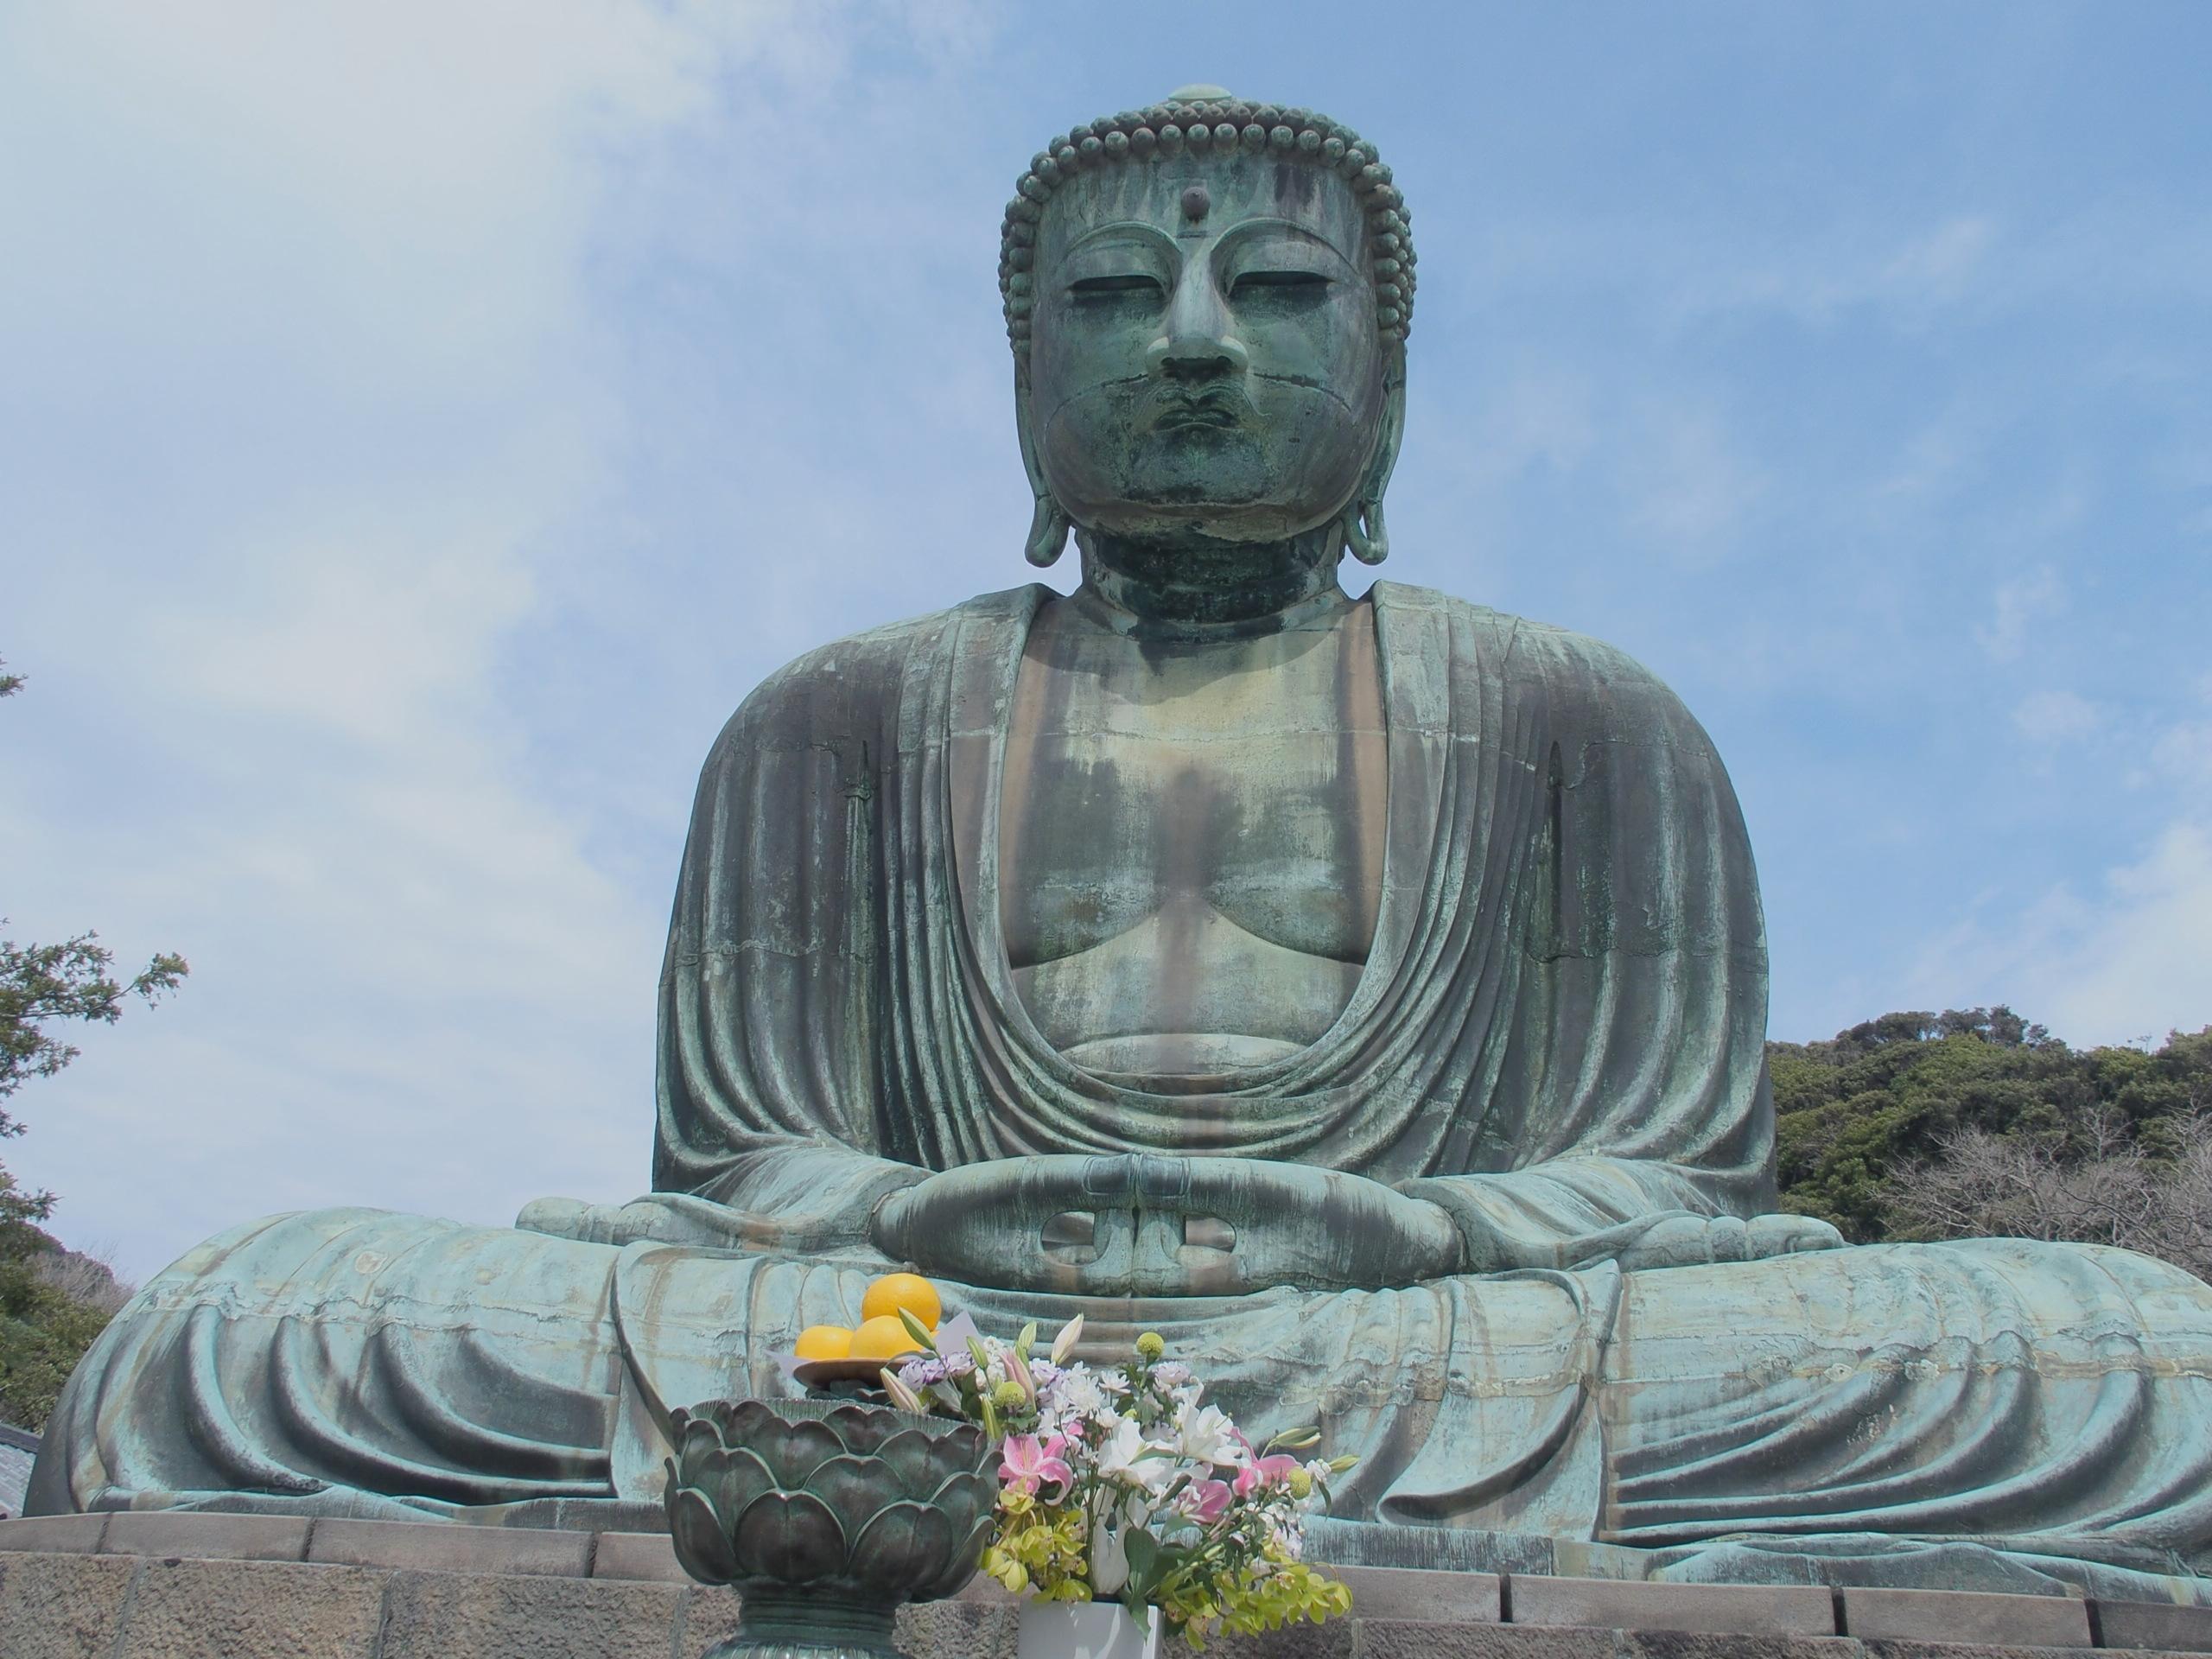 Kamakura/Kanagawa